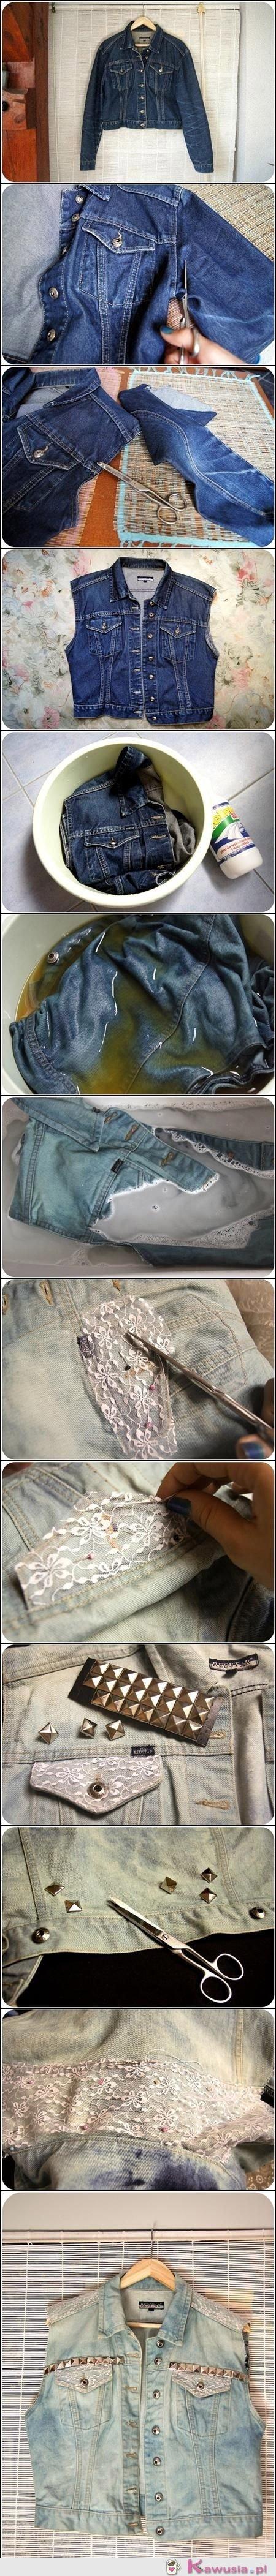 Sposób na starą jeansową kurtkę